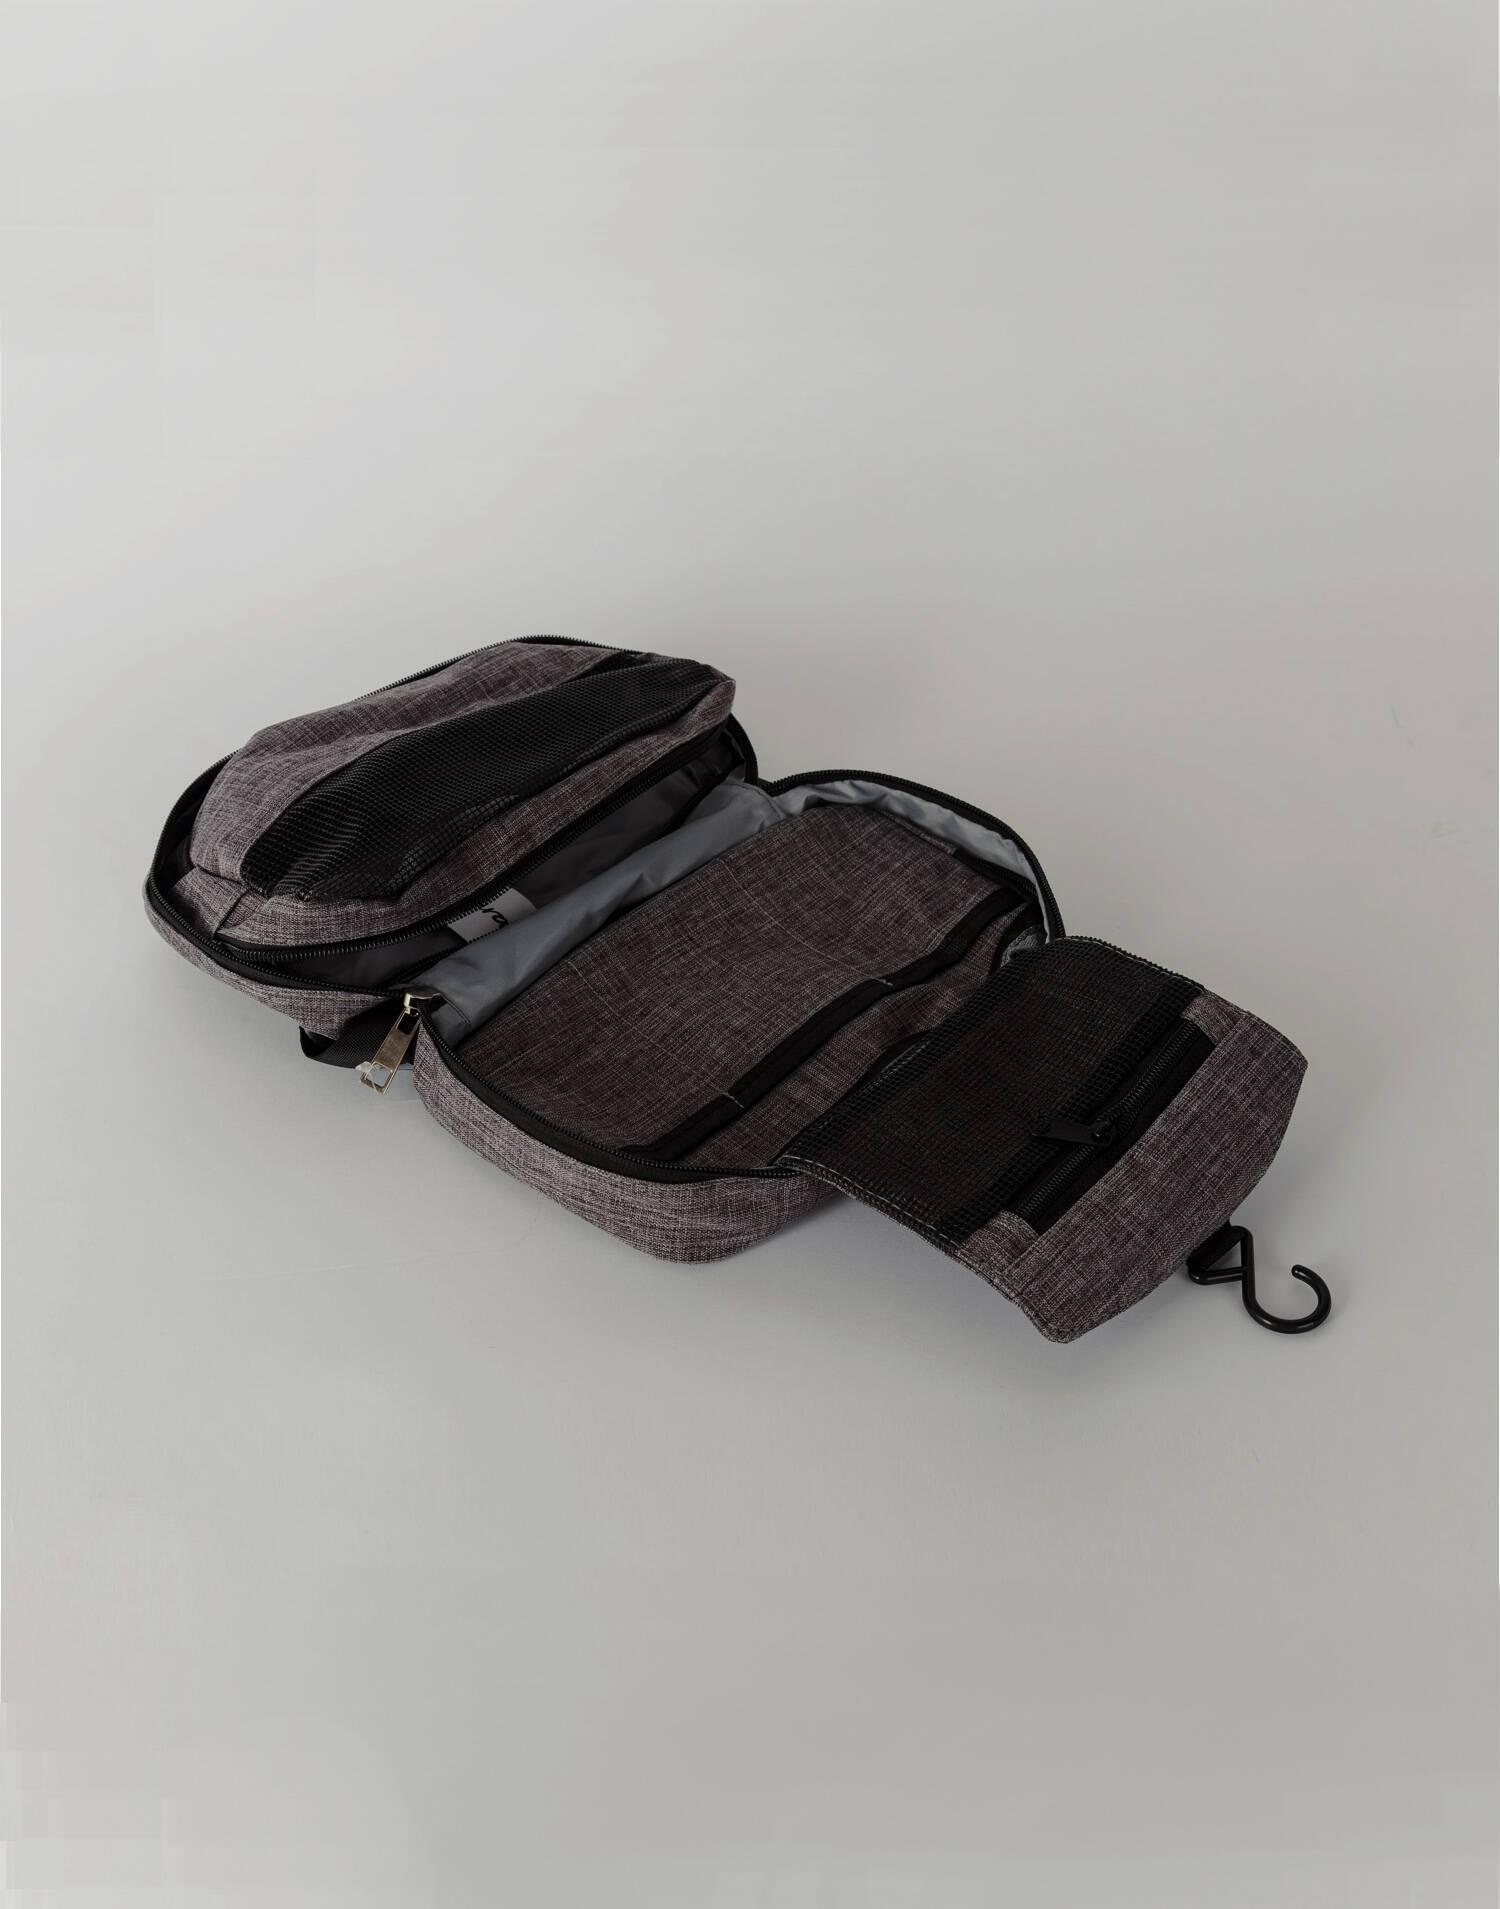 Sports toilet bag